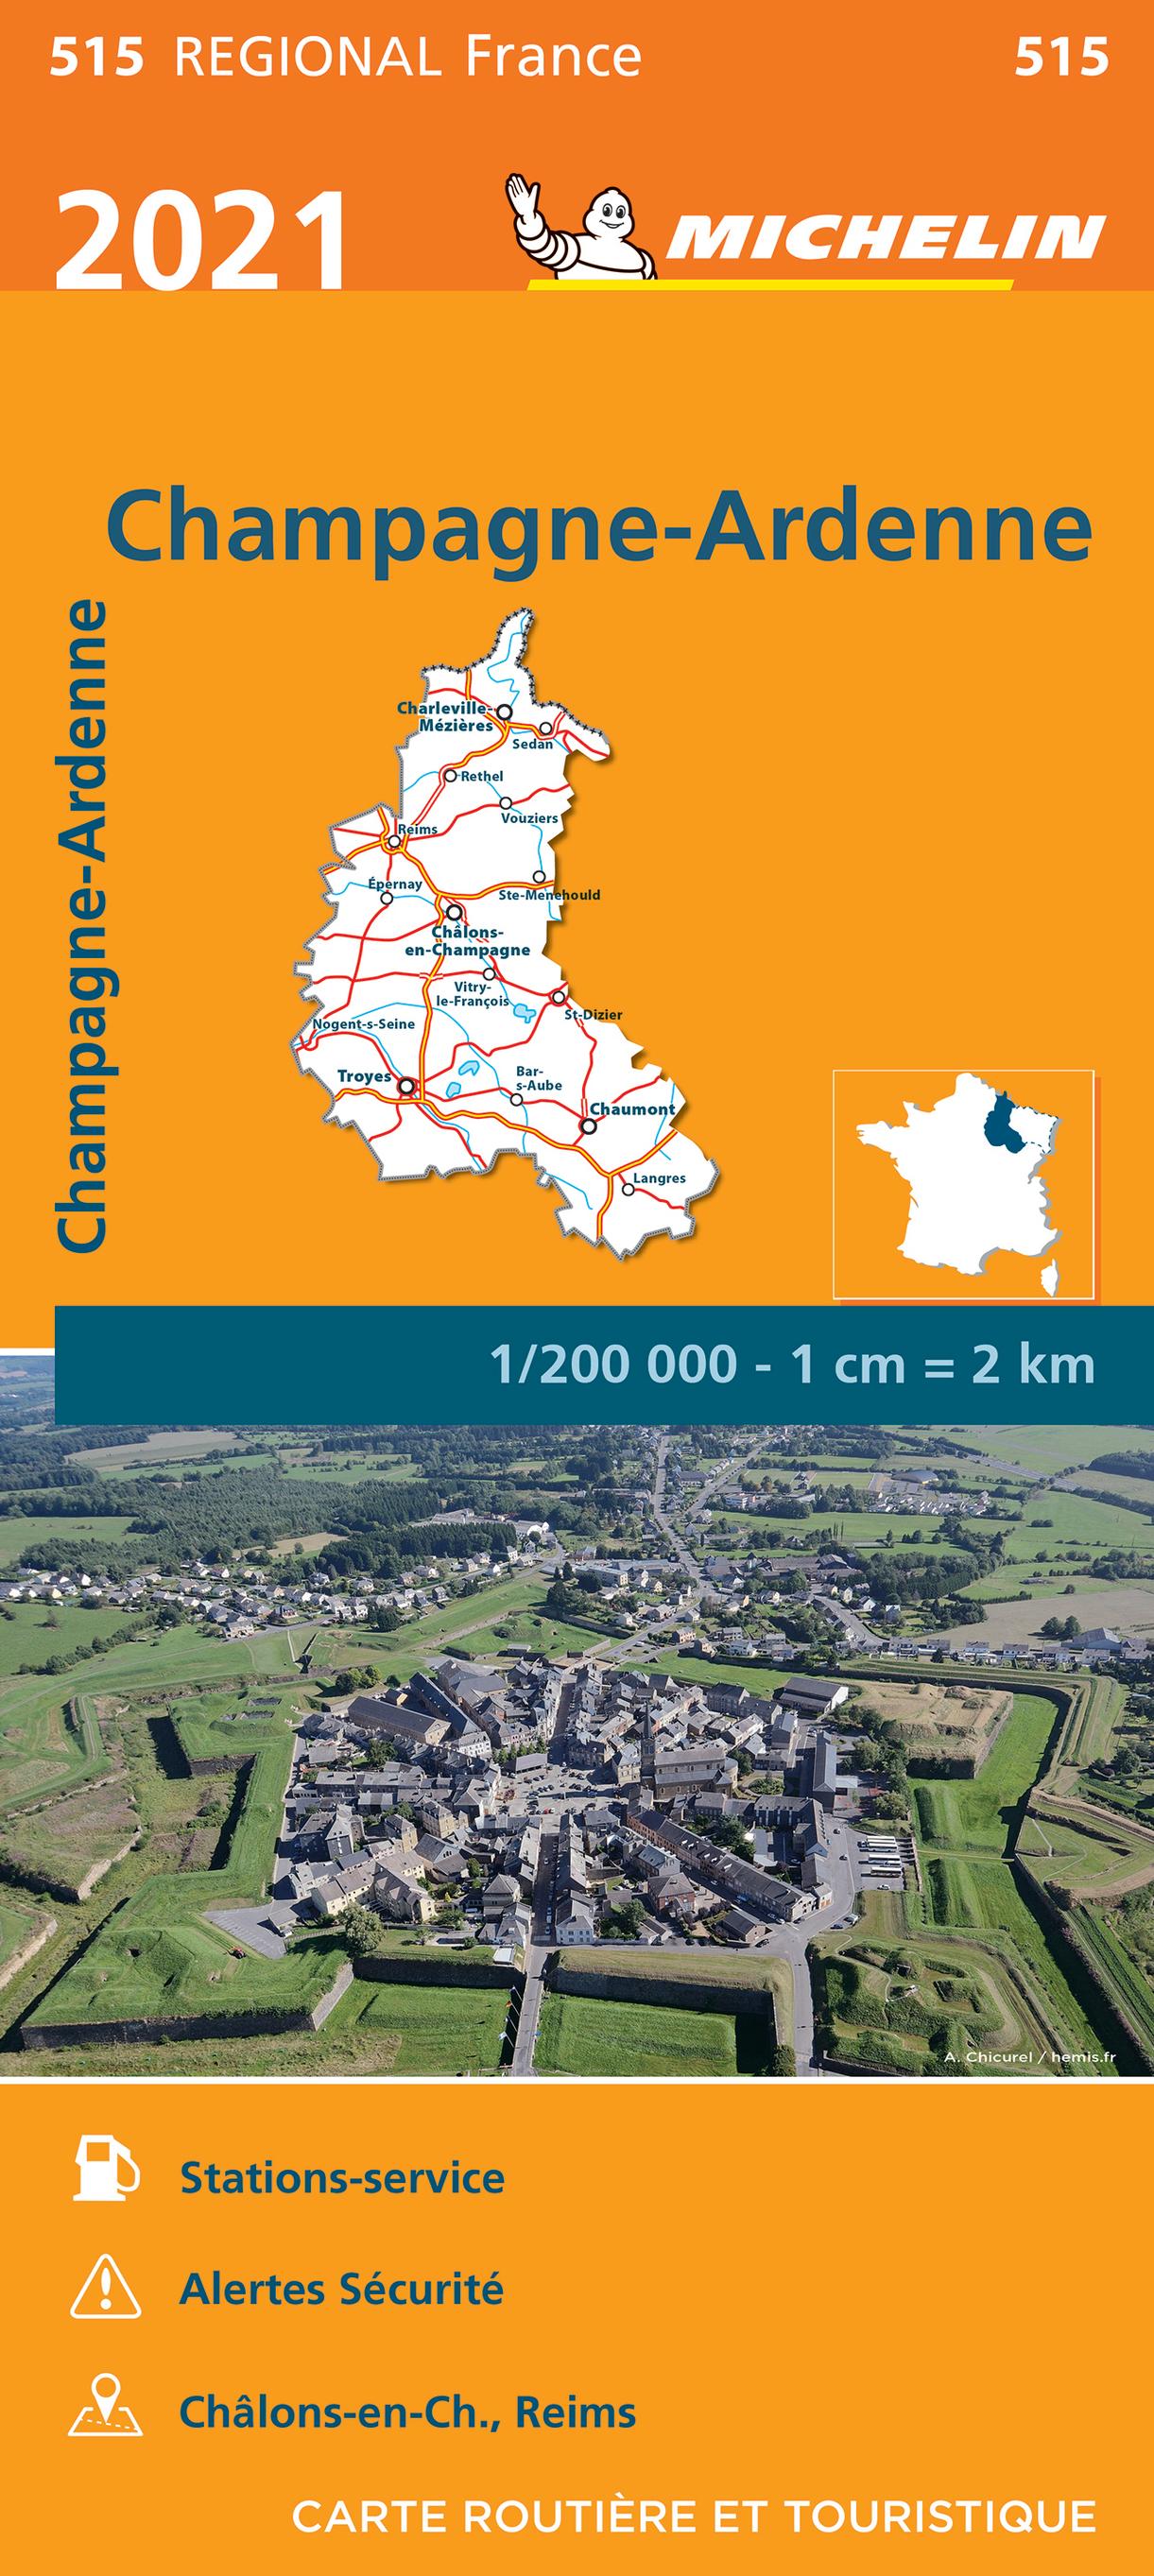 515 Champagne-Ardenne 1:200.000 9782067249684  Michelin Regionale kaarten  Landkaarten en wegenkaarten Champagne, Franse Ardennen